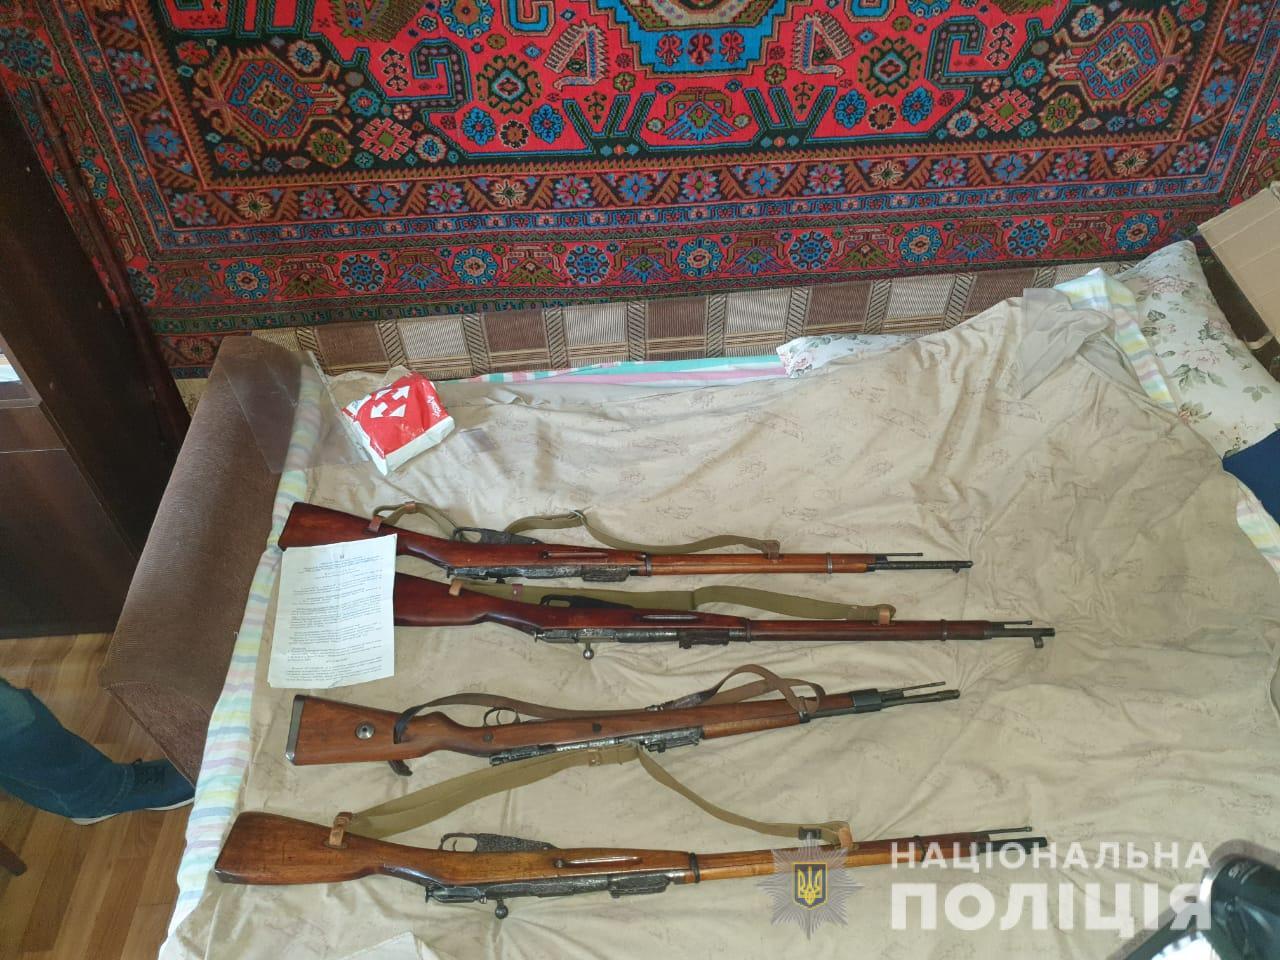 Нелегальный склад оружия нашли в Люботине